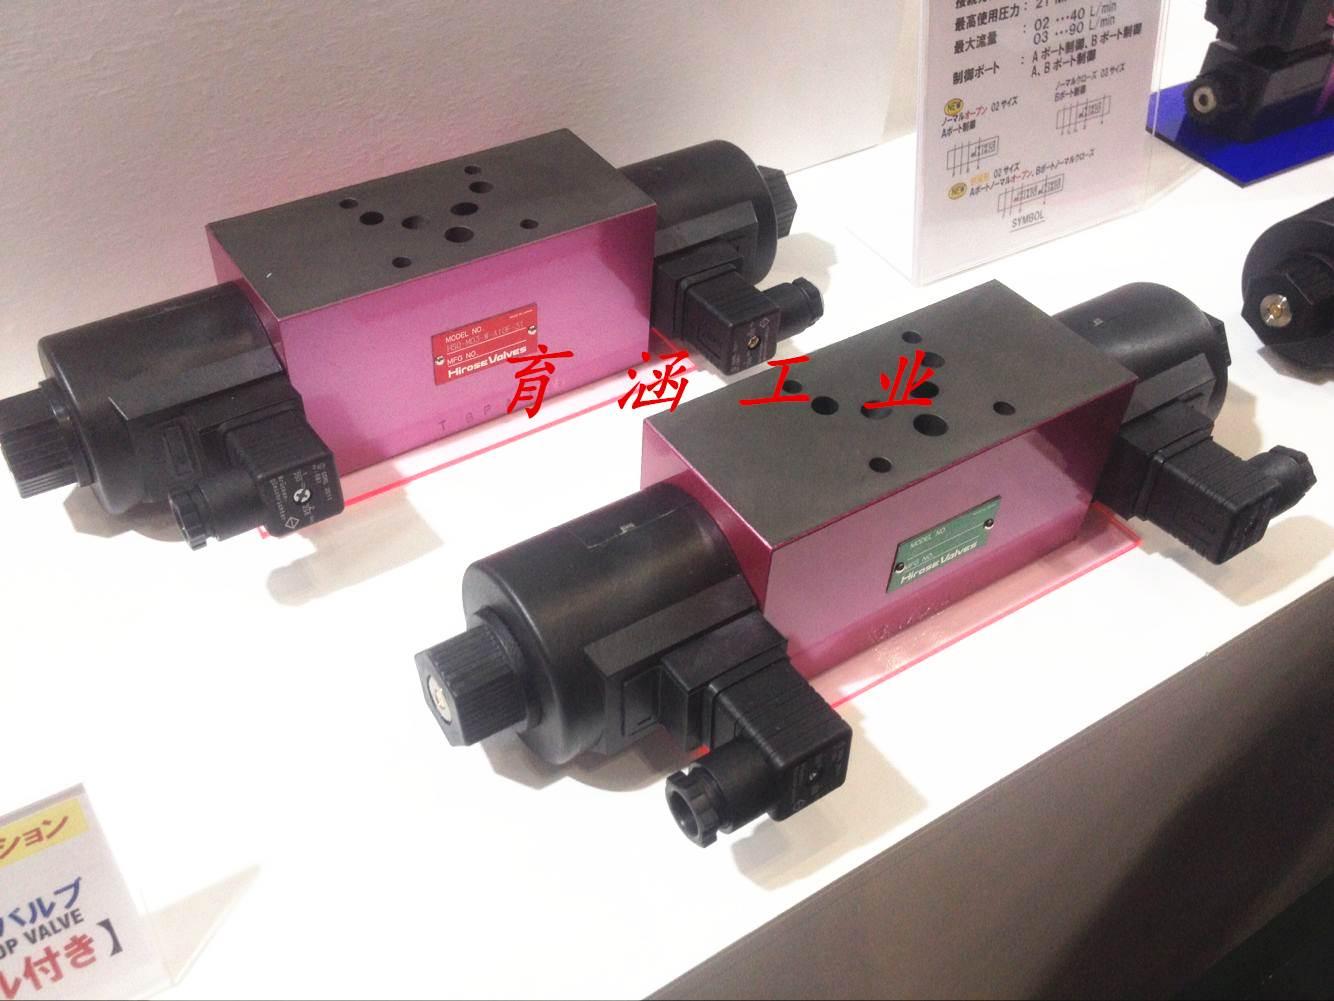 现货特价销售日本HIROSE广濑阀门FVP-720-T04-12